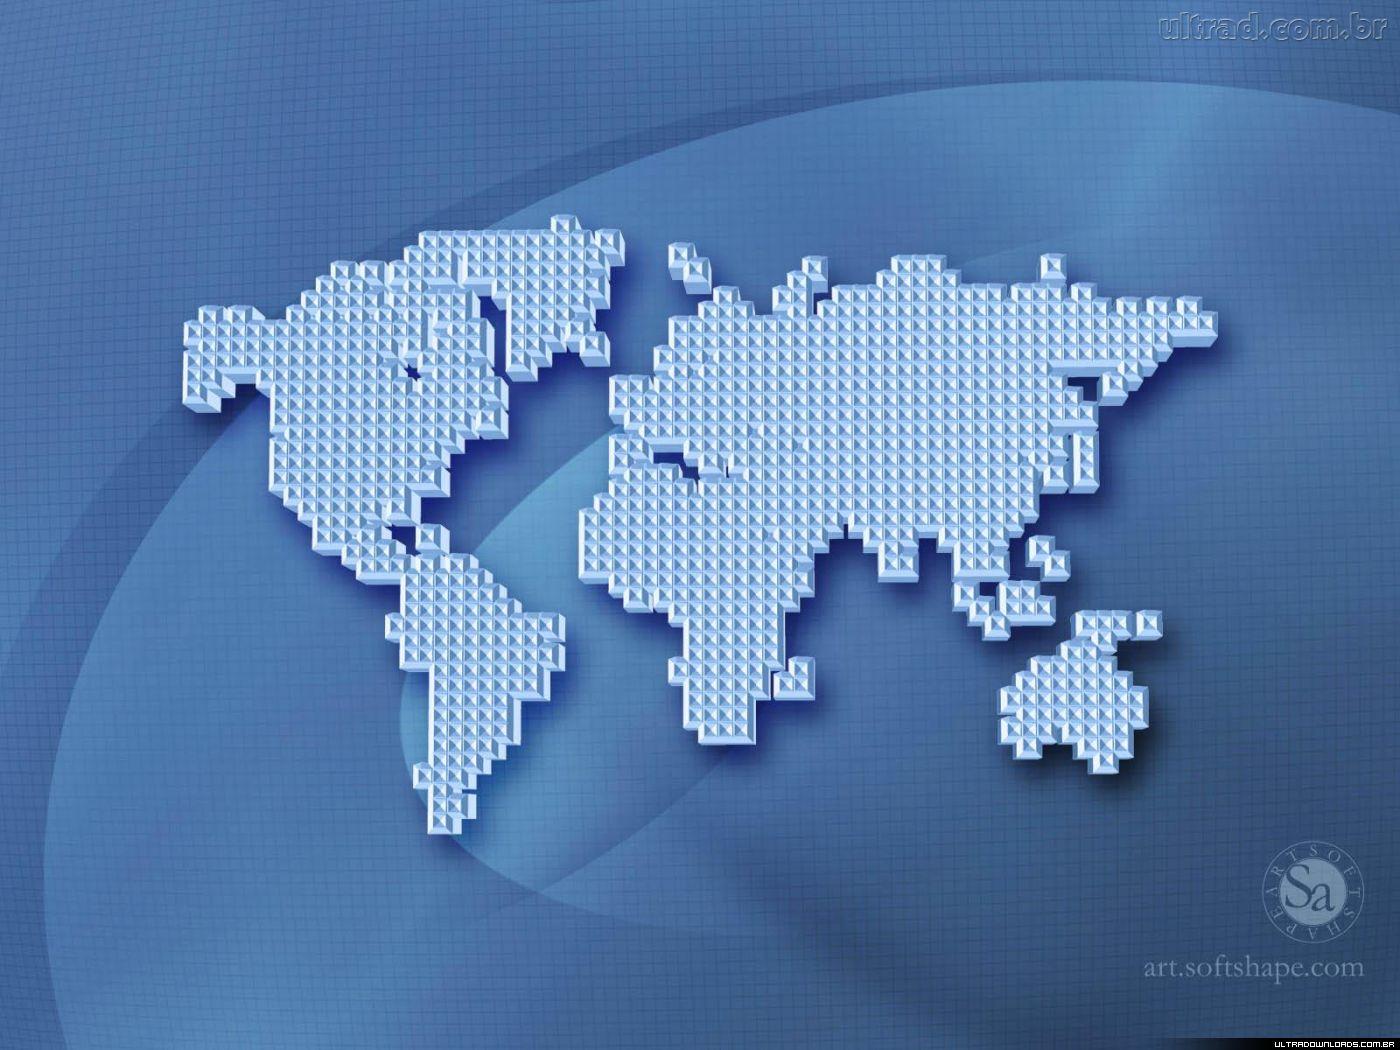 Mundo mapa m ndi tem tico - Papel pared mapa mundi ...